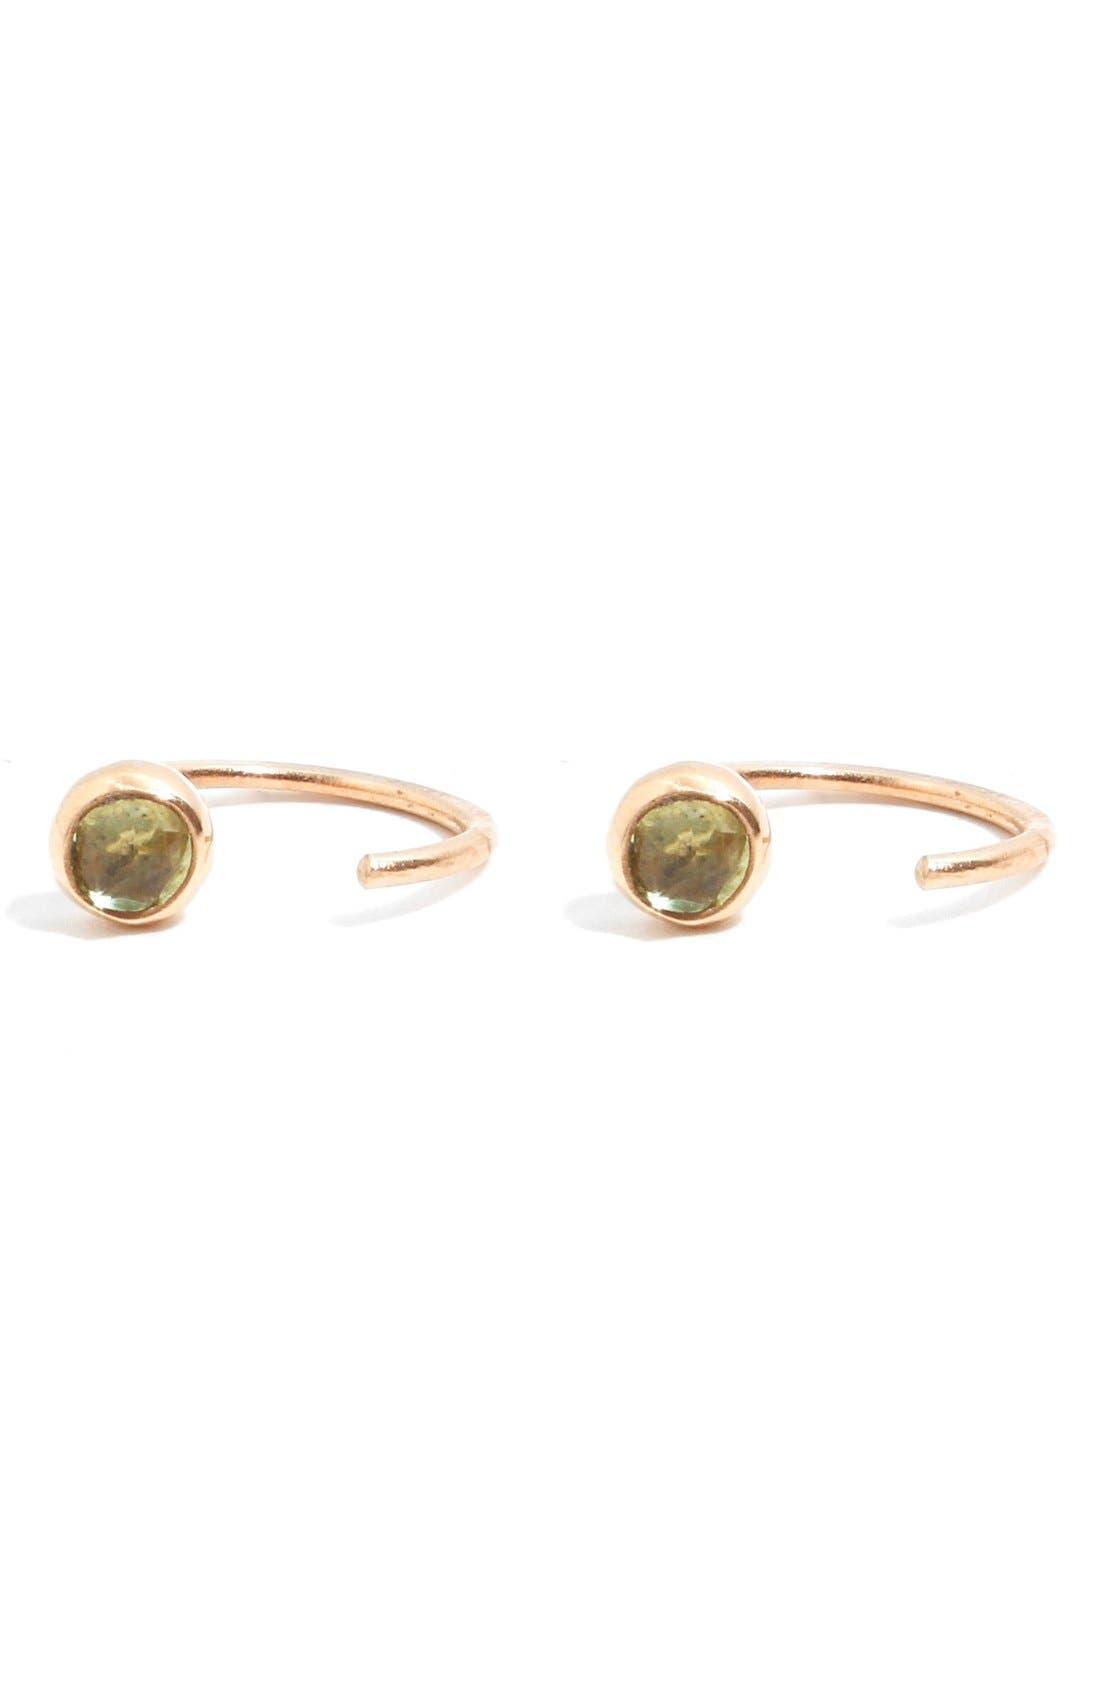 Peridot Hug Hoop Earrings,                         Main,                         color, YELLOW GOLD/ PERIDOT